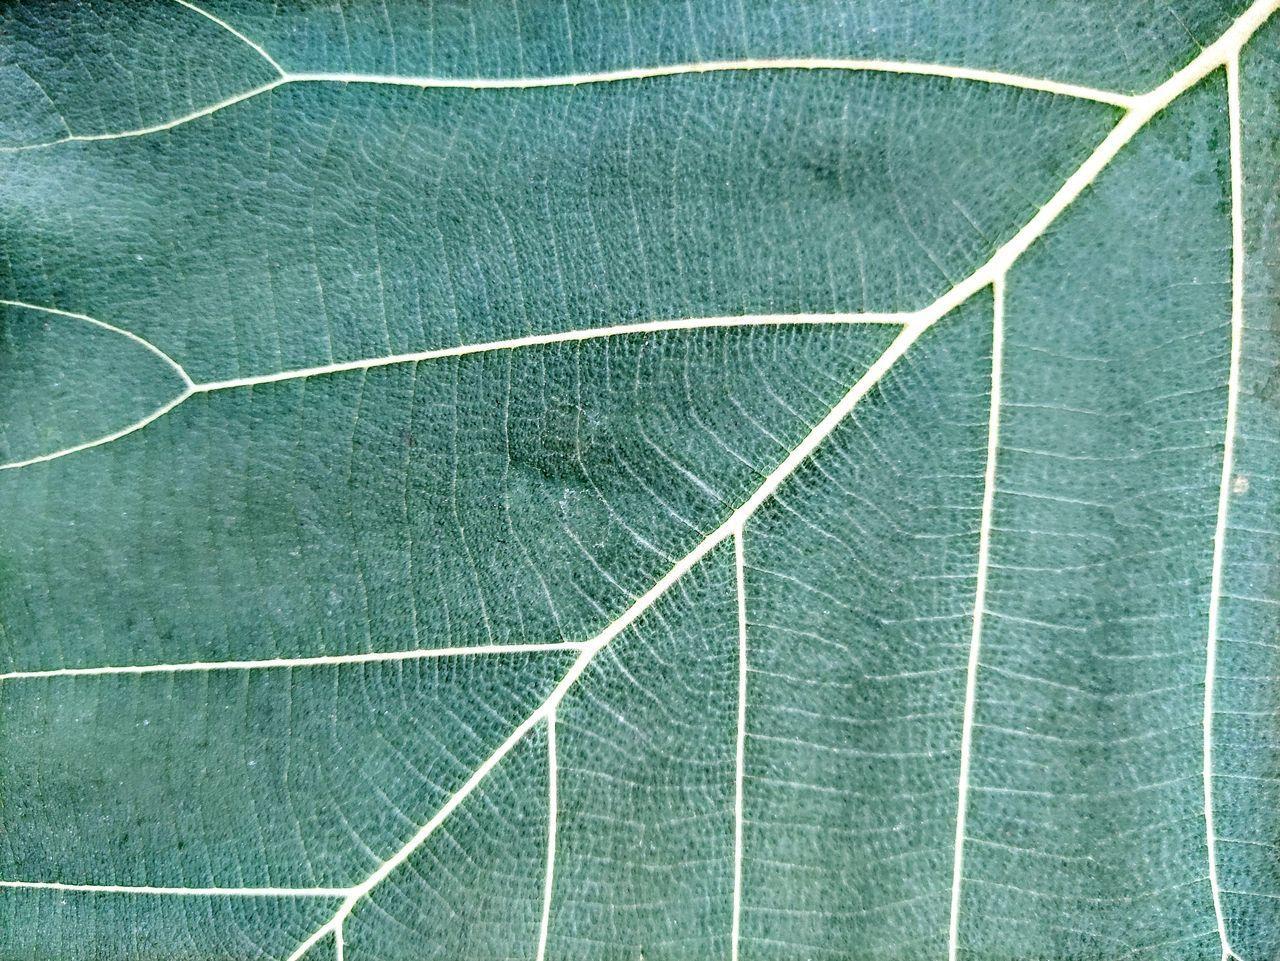 FULL FRAME OF GREEN PLANT